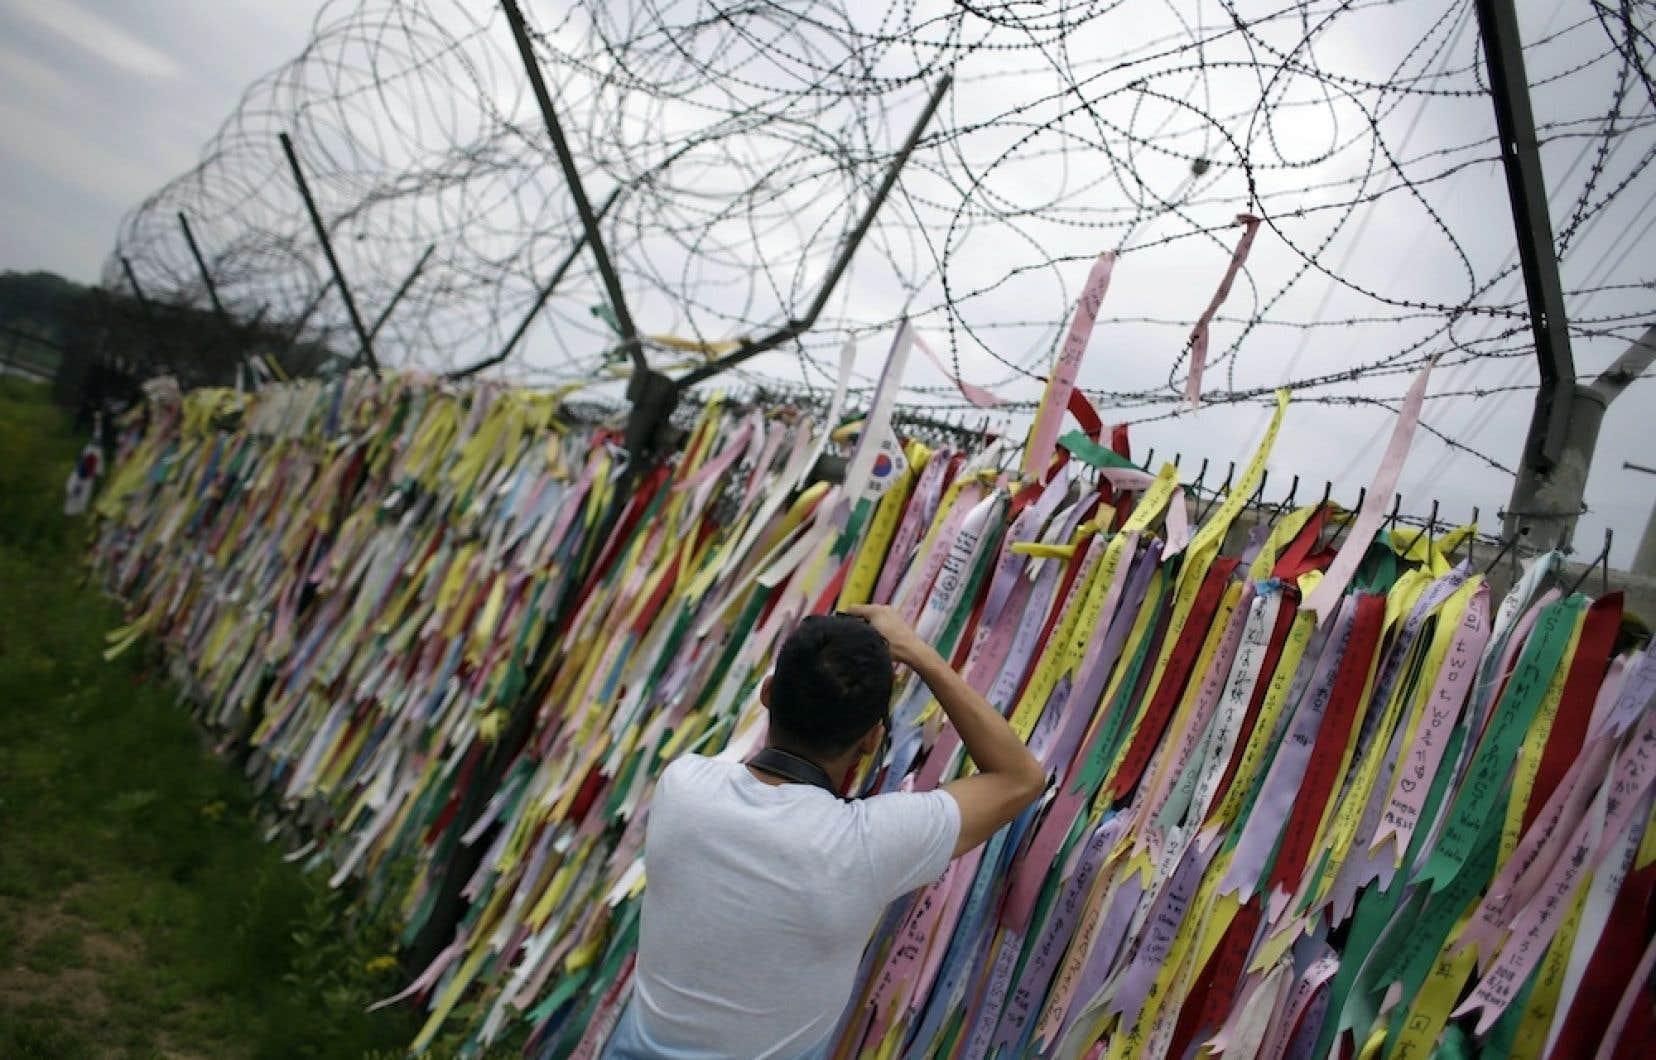 Un touriste prend des photos d'une clôture sur laquelle est accrochée plusieurs messages de réunification des Corées.